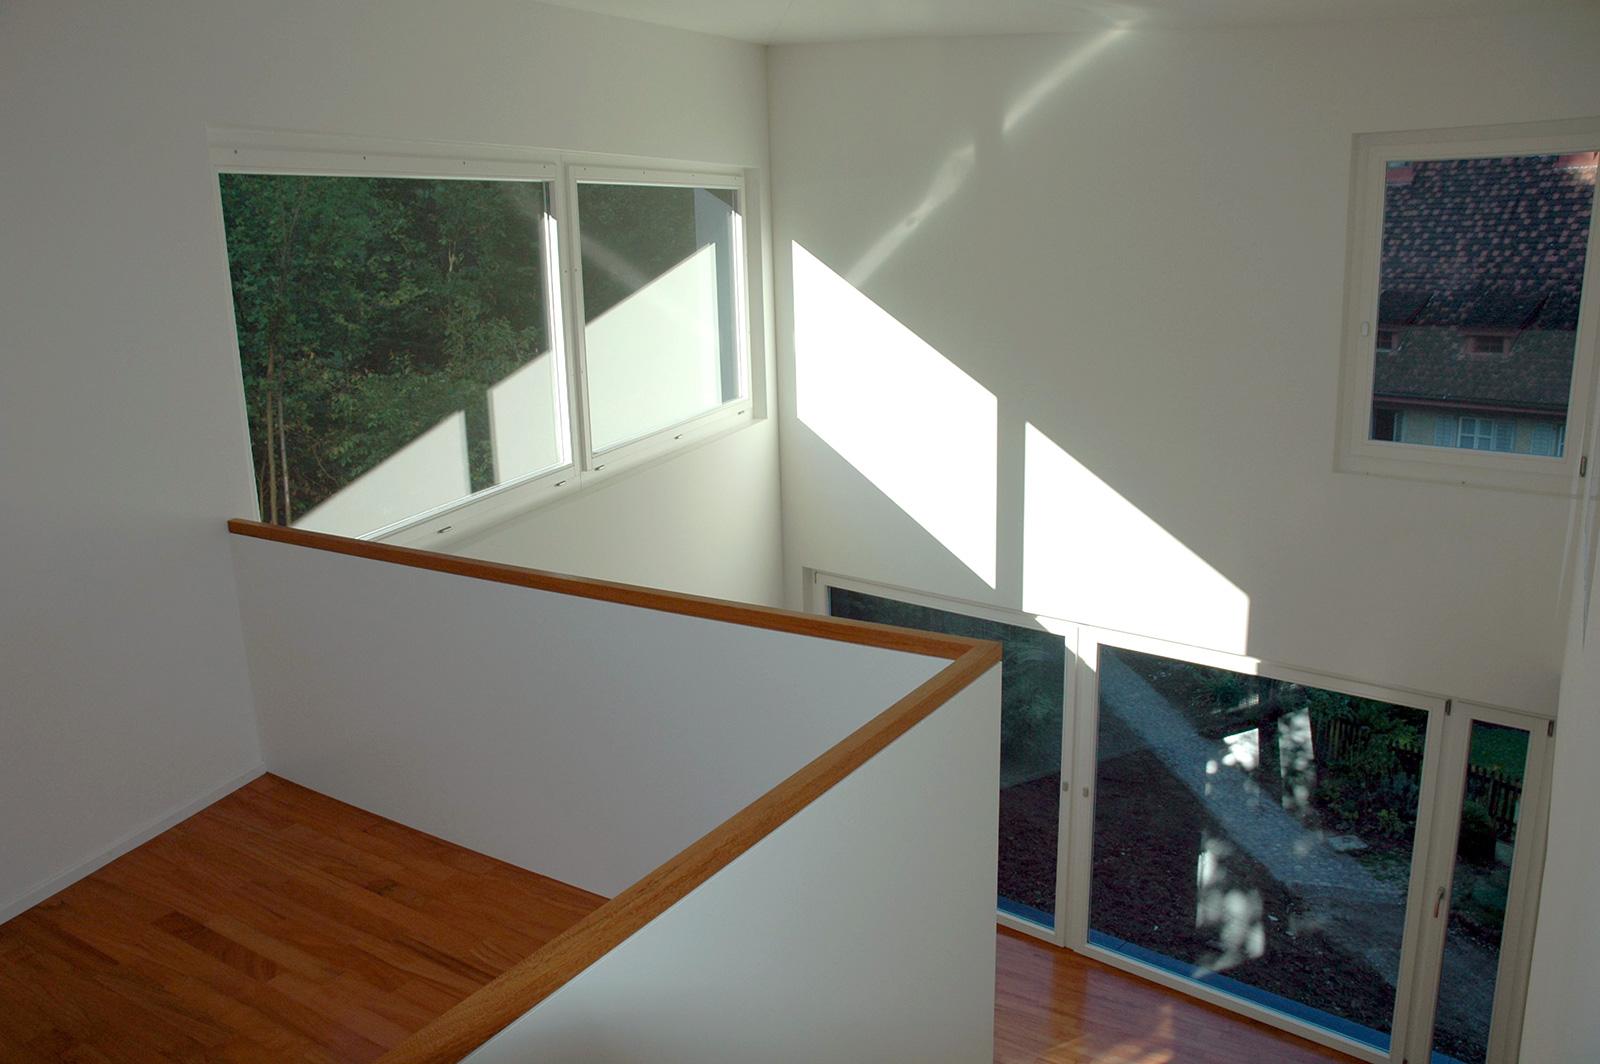 Passstück, Galerie/Blick ins Wohnzimmer